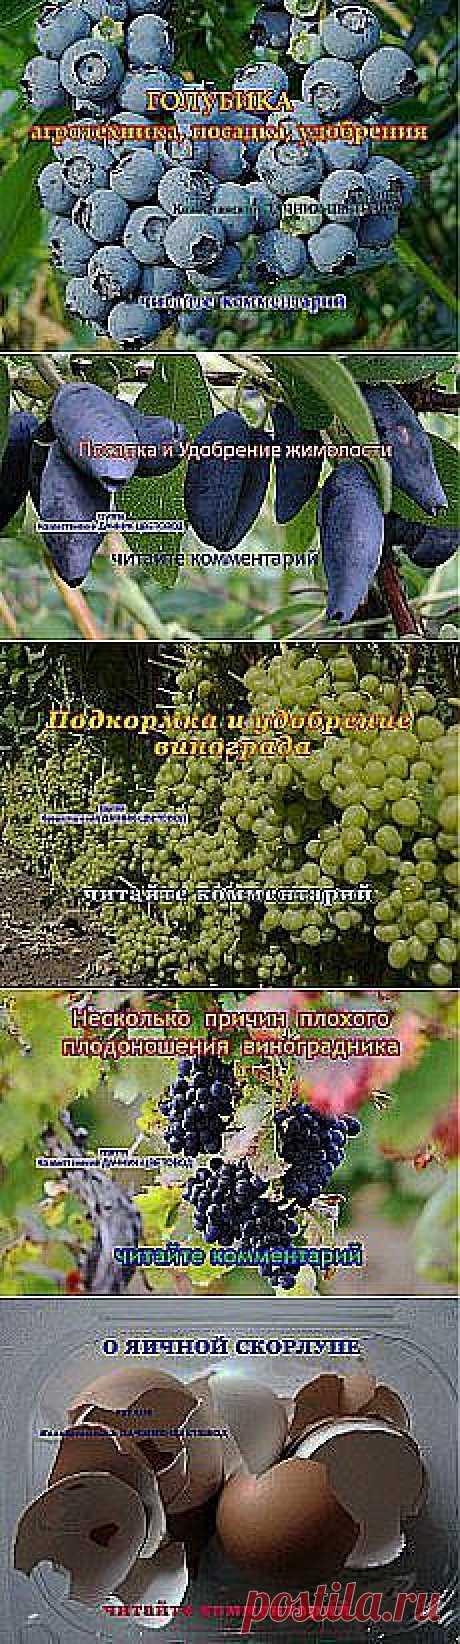 Надежда Федоренко: Сад огород   Постила